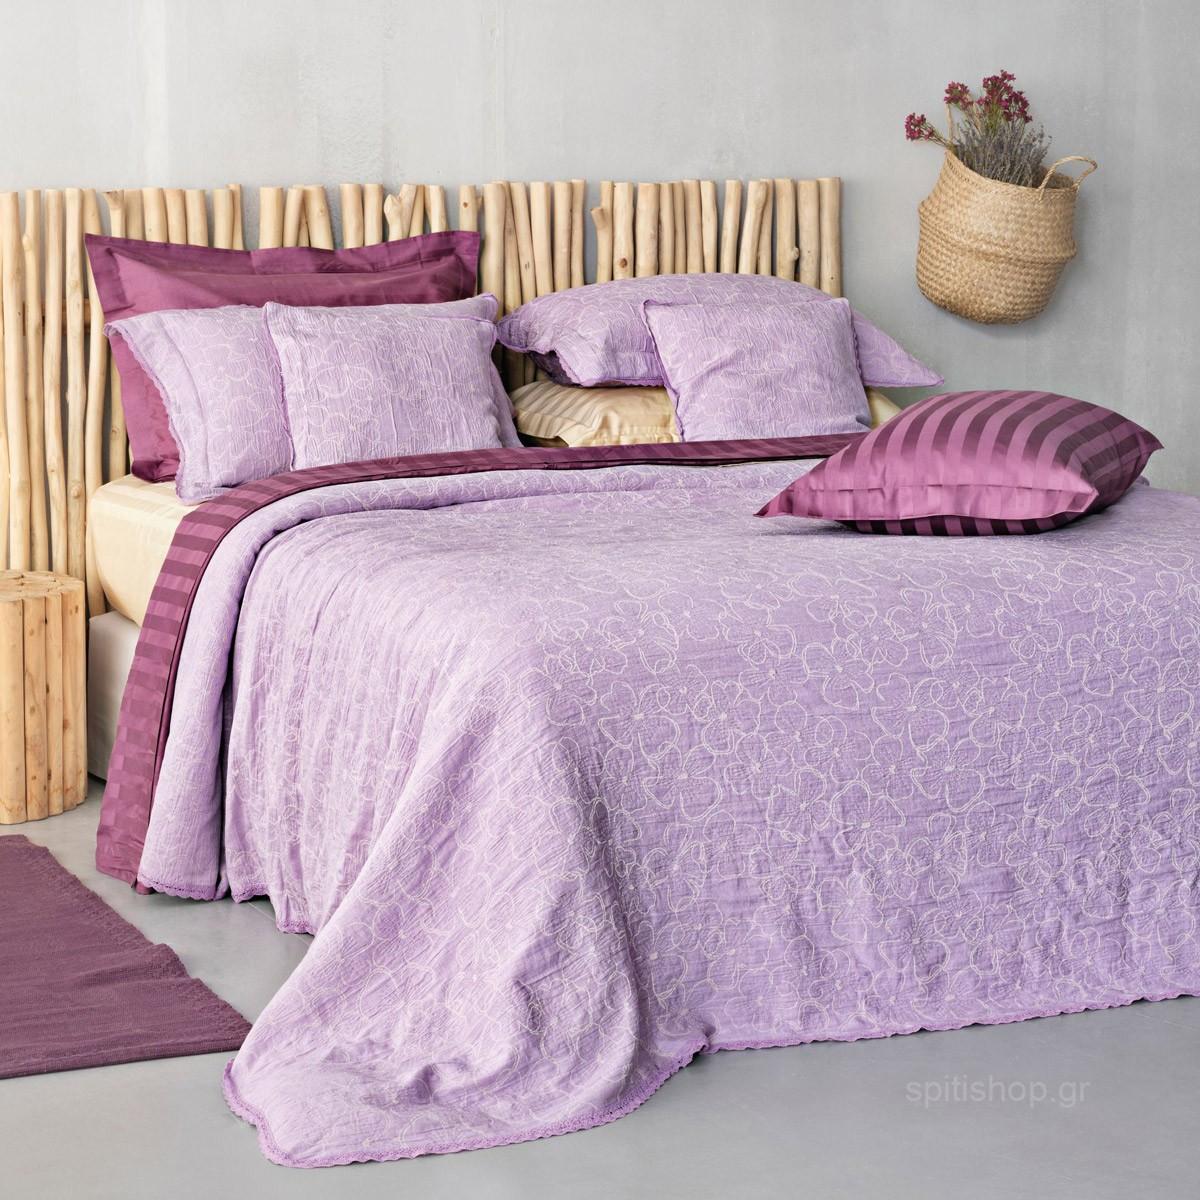 Διακοσμητική Μαξιλαροθήκη Palamaiki Daily 1162 Purple